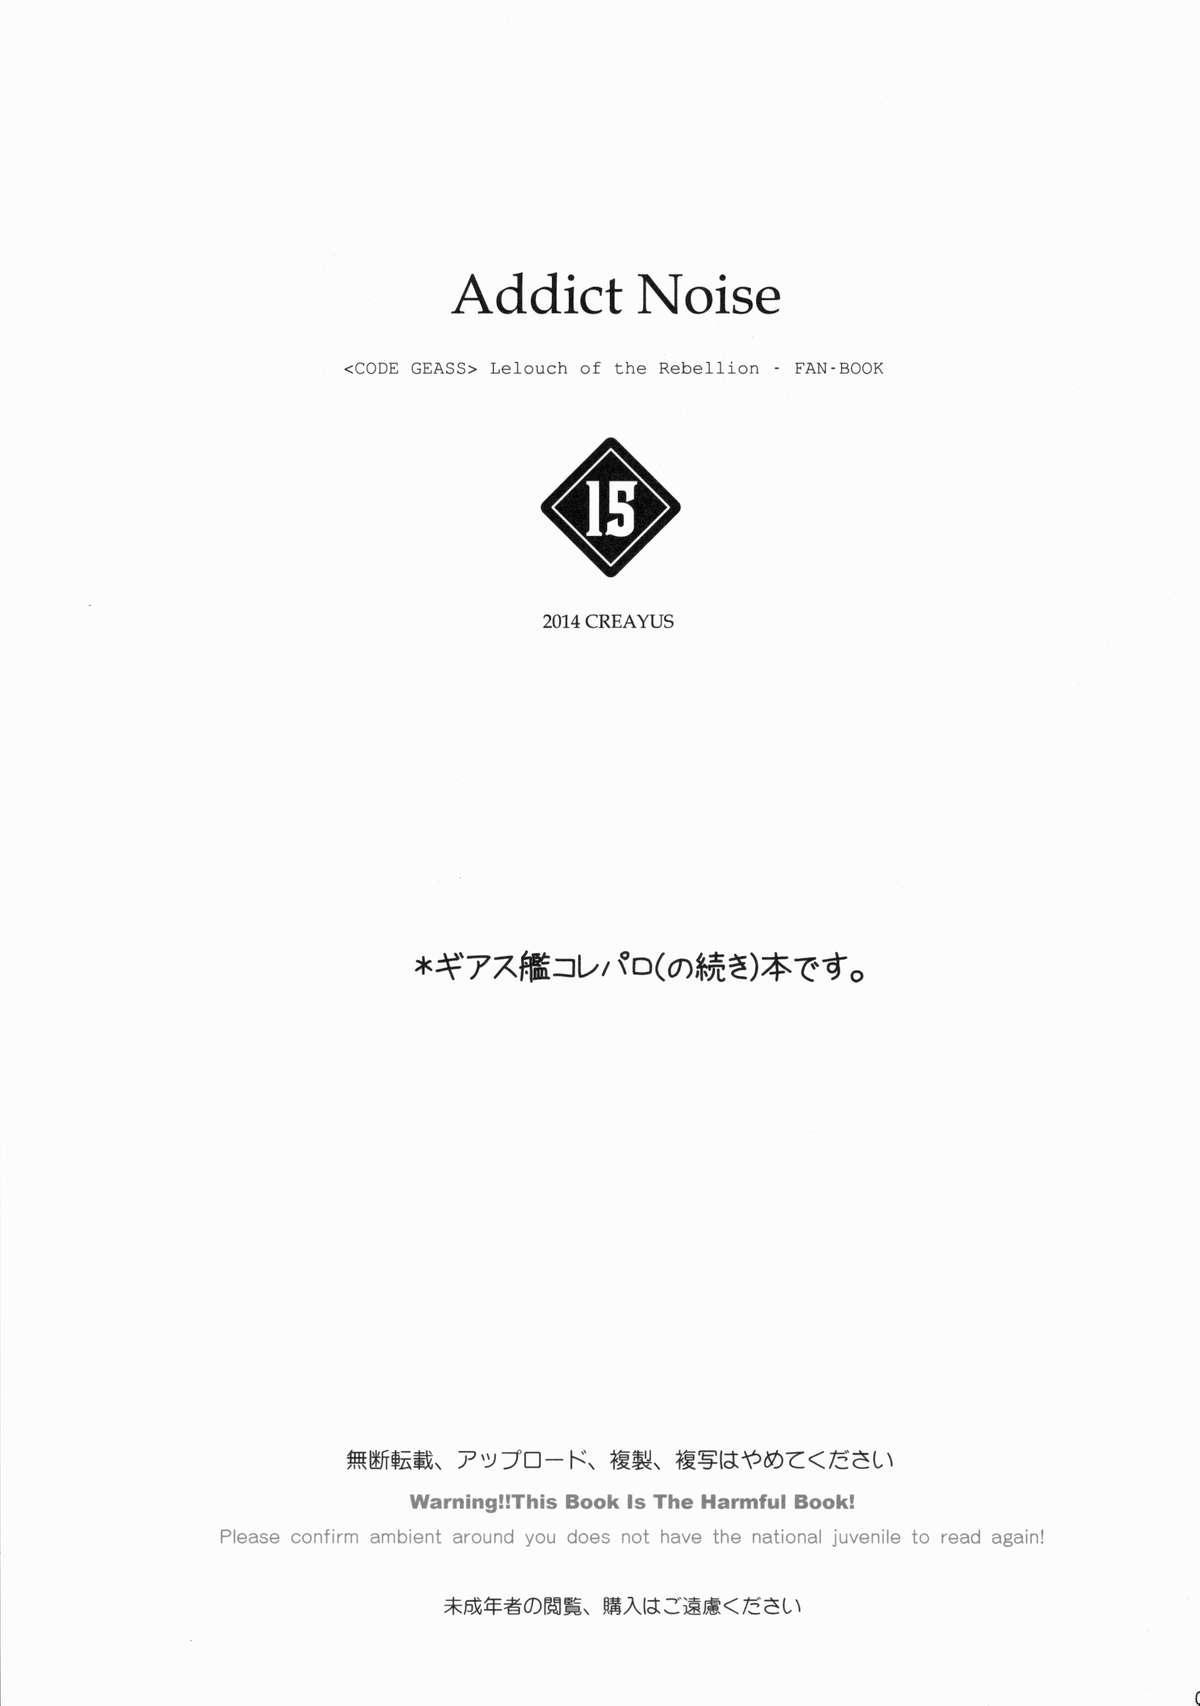 ADDICT NOISE 4